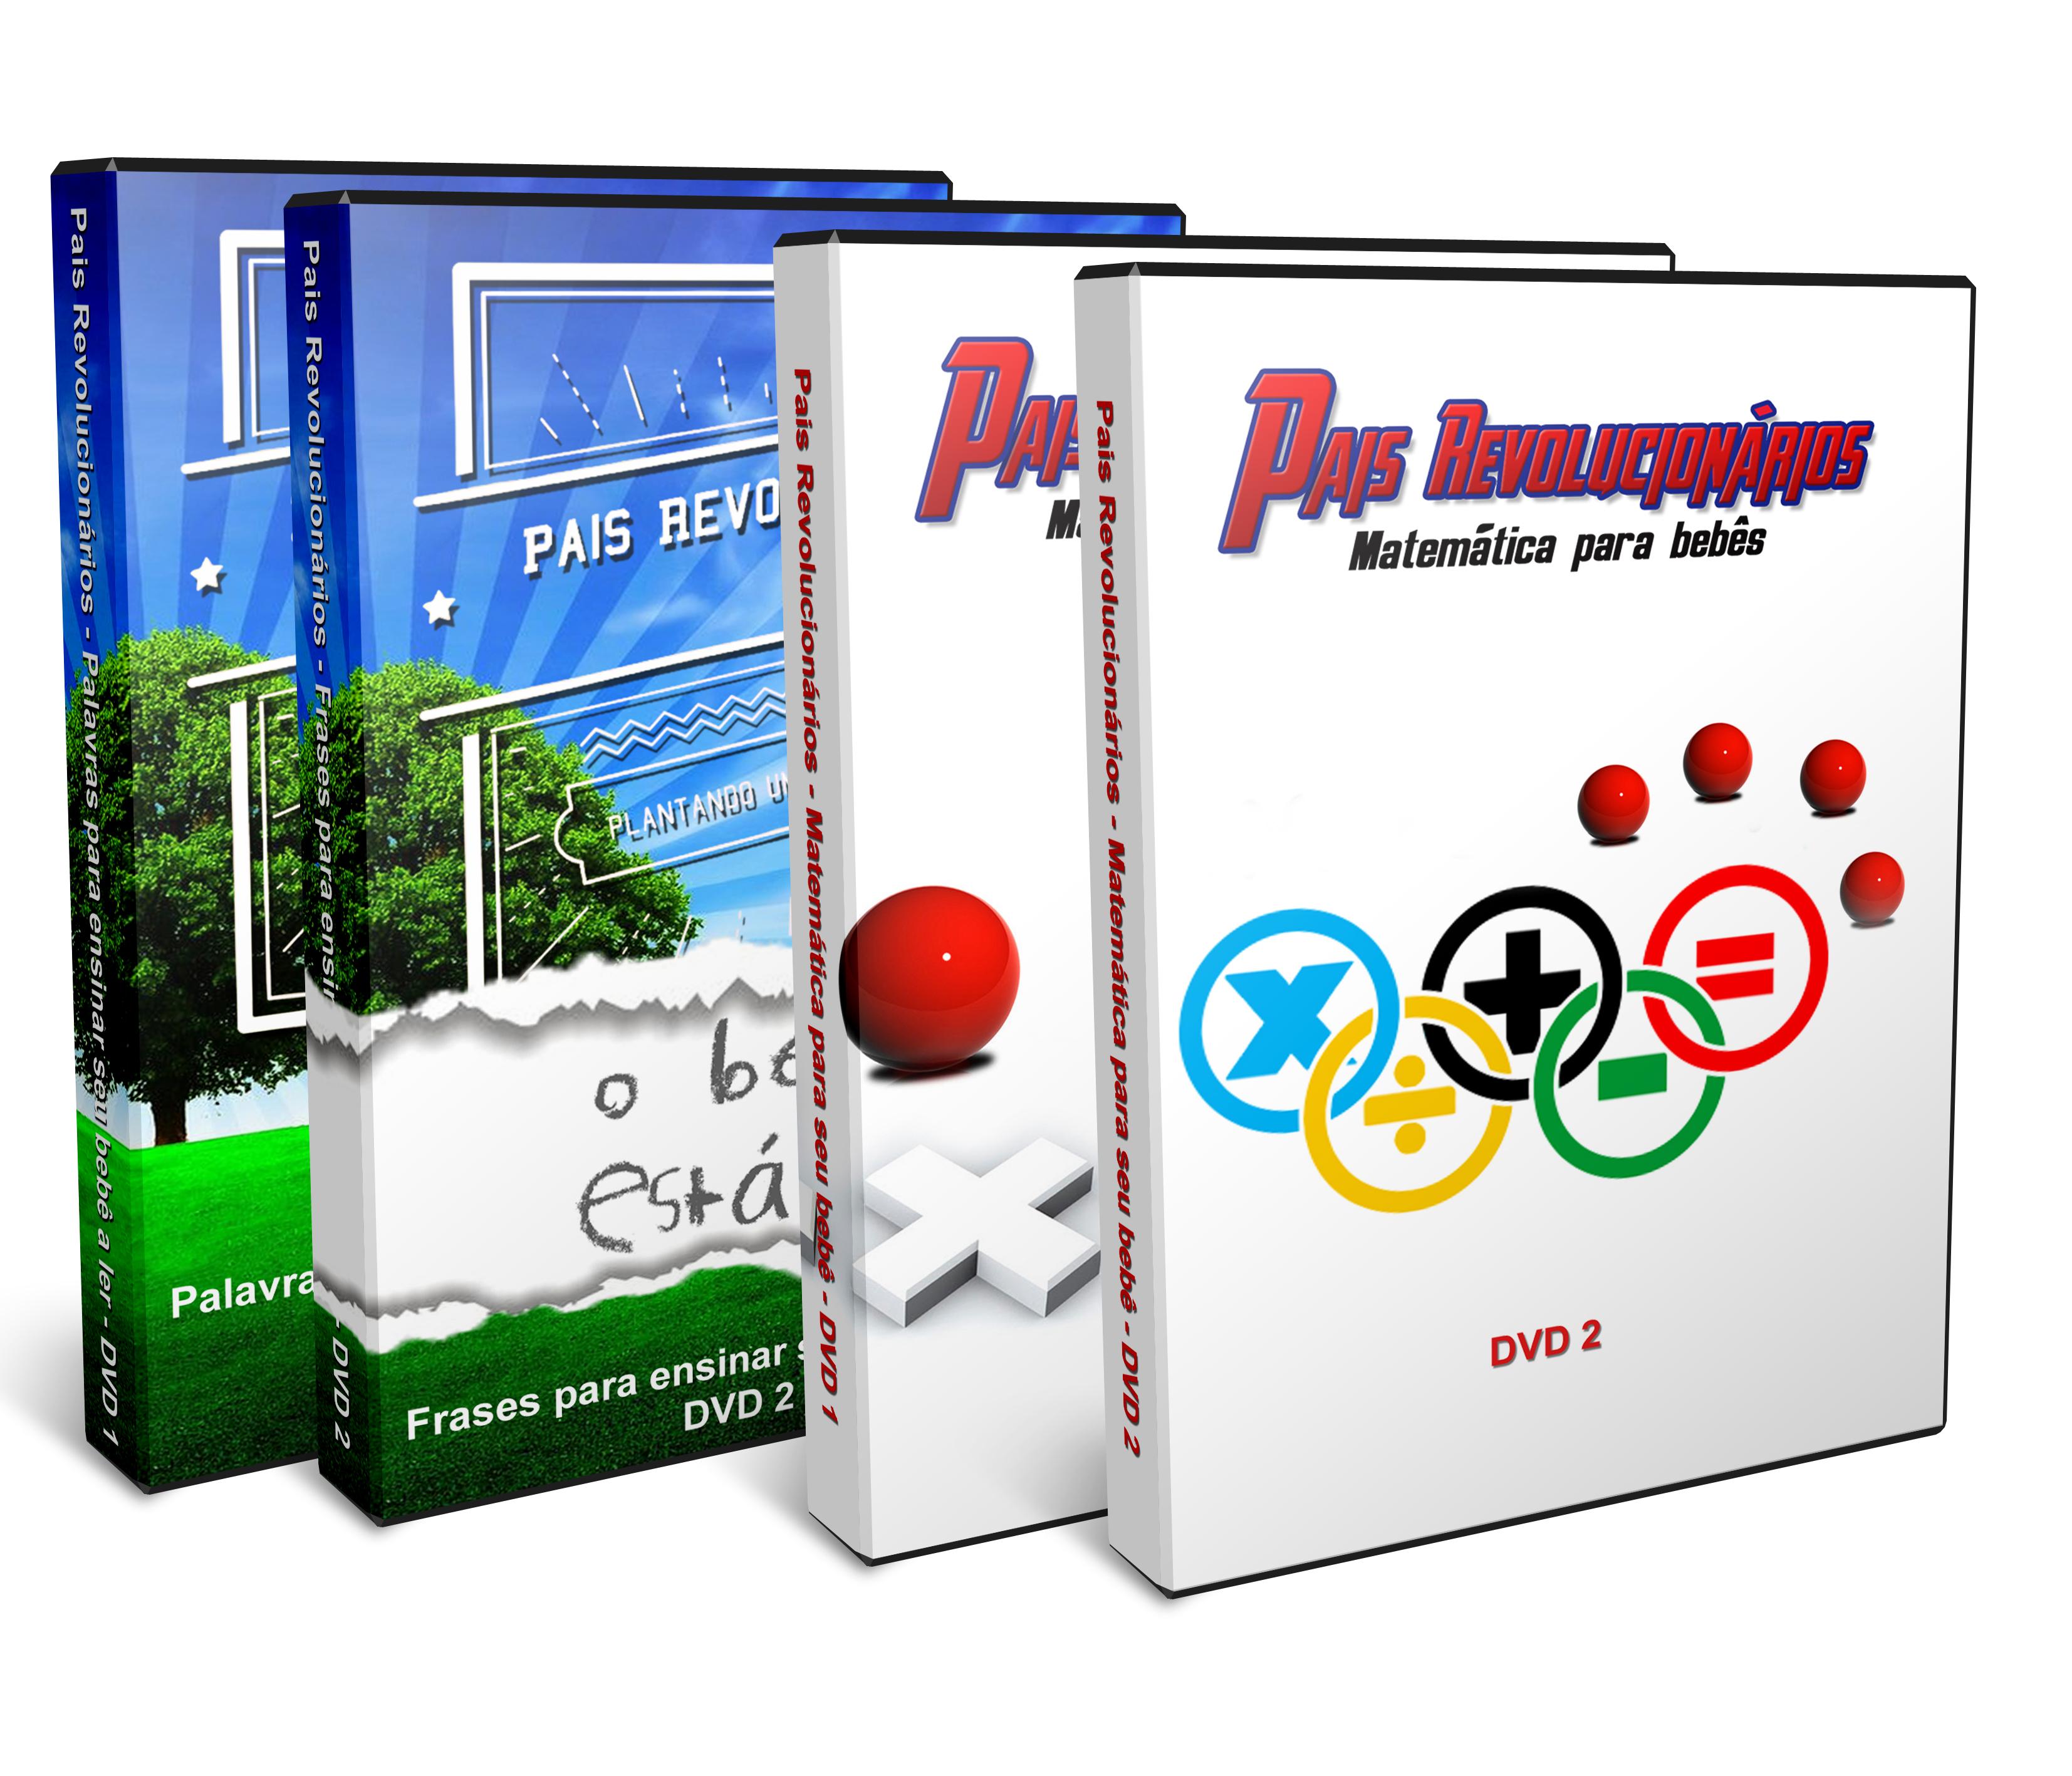 Pacote DVD - Leitura e Matemática